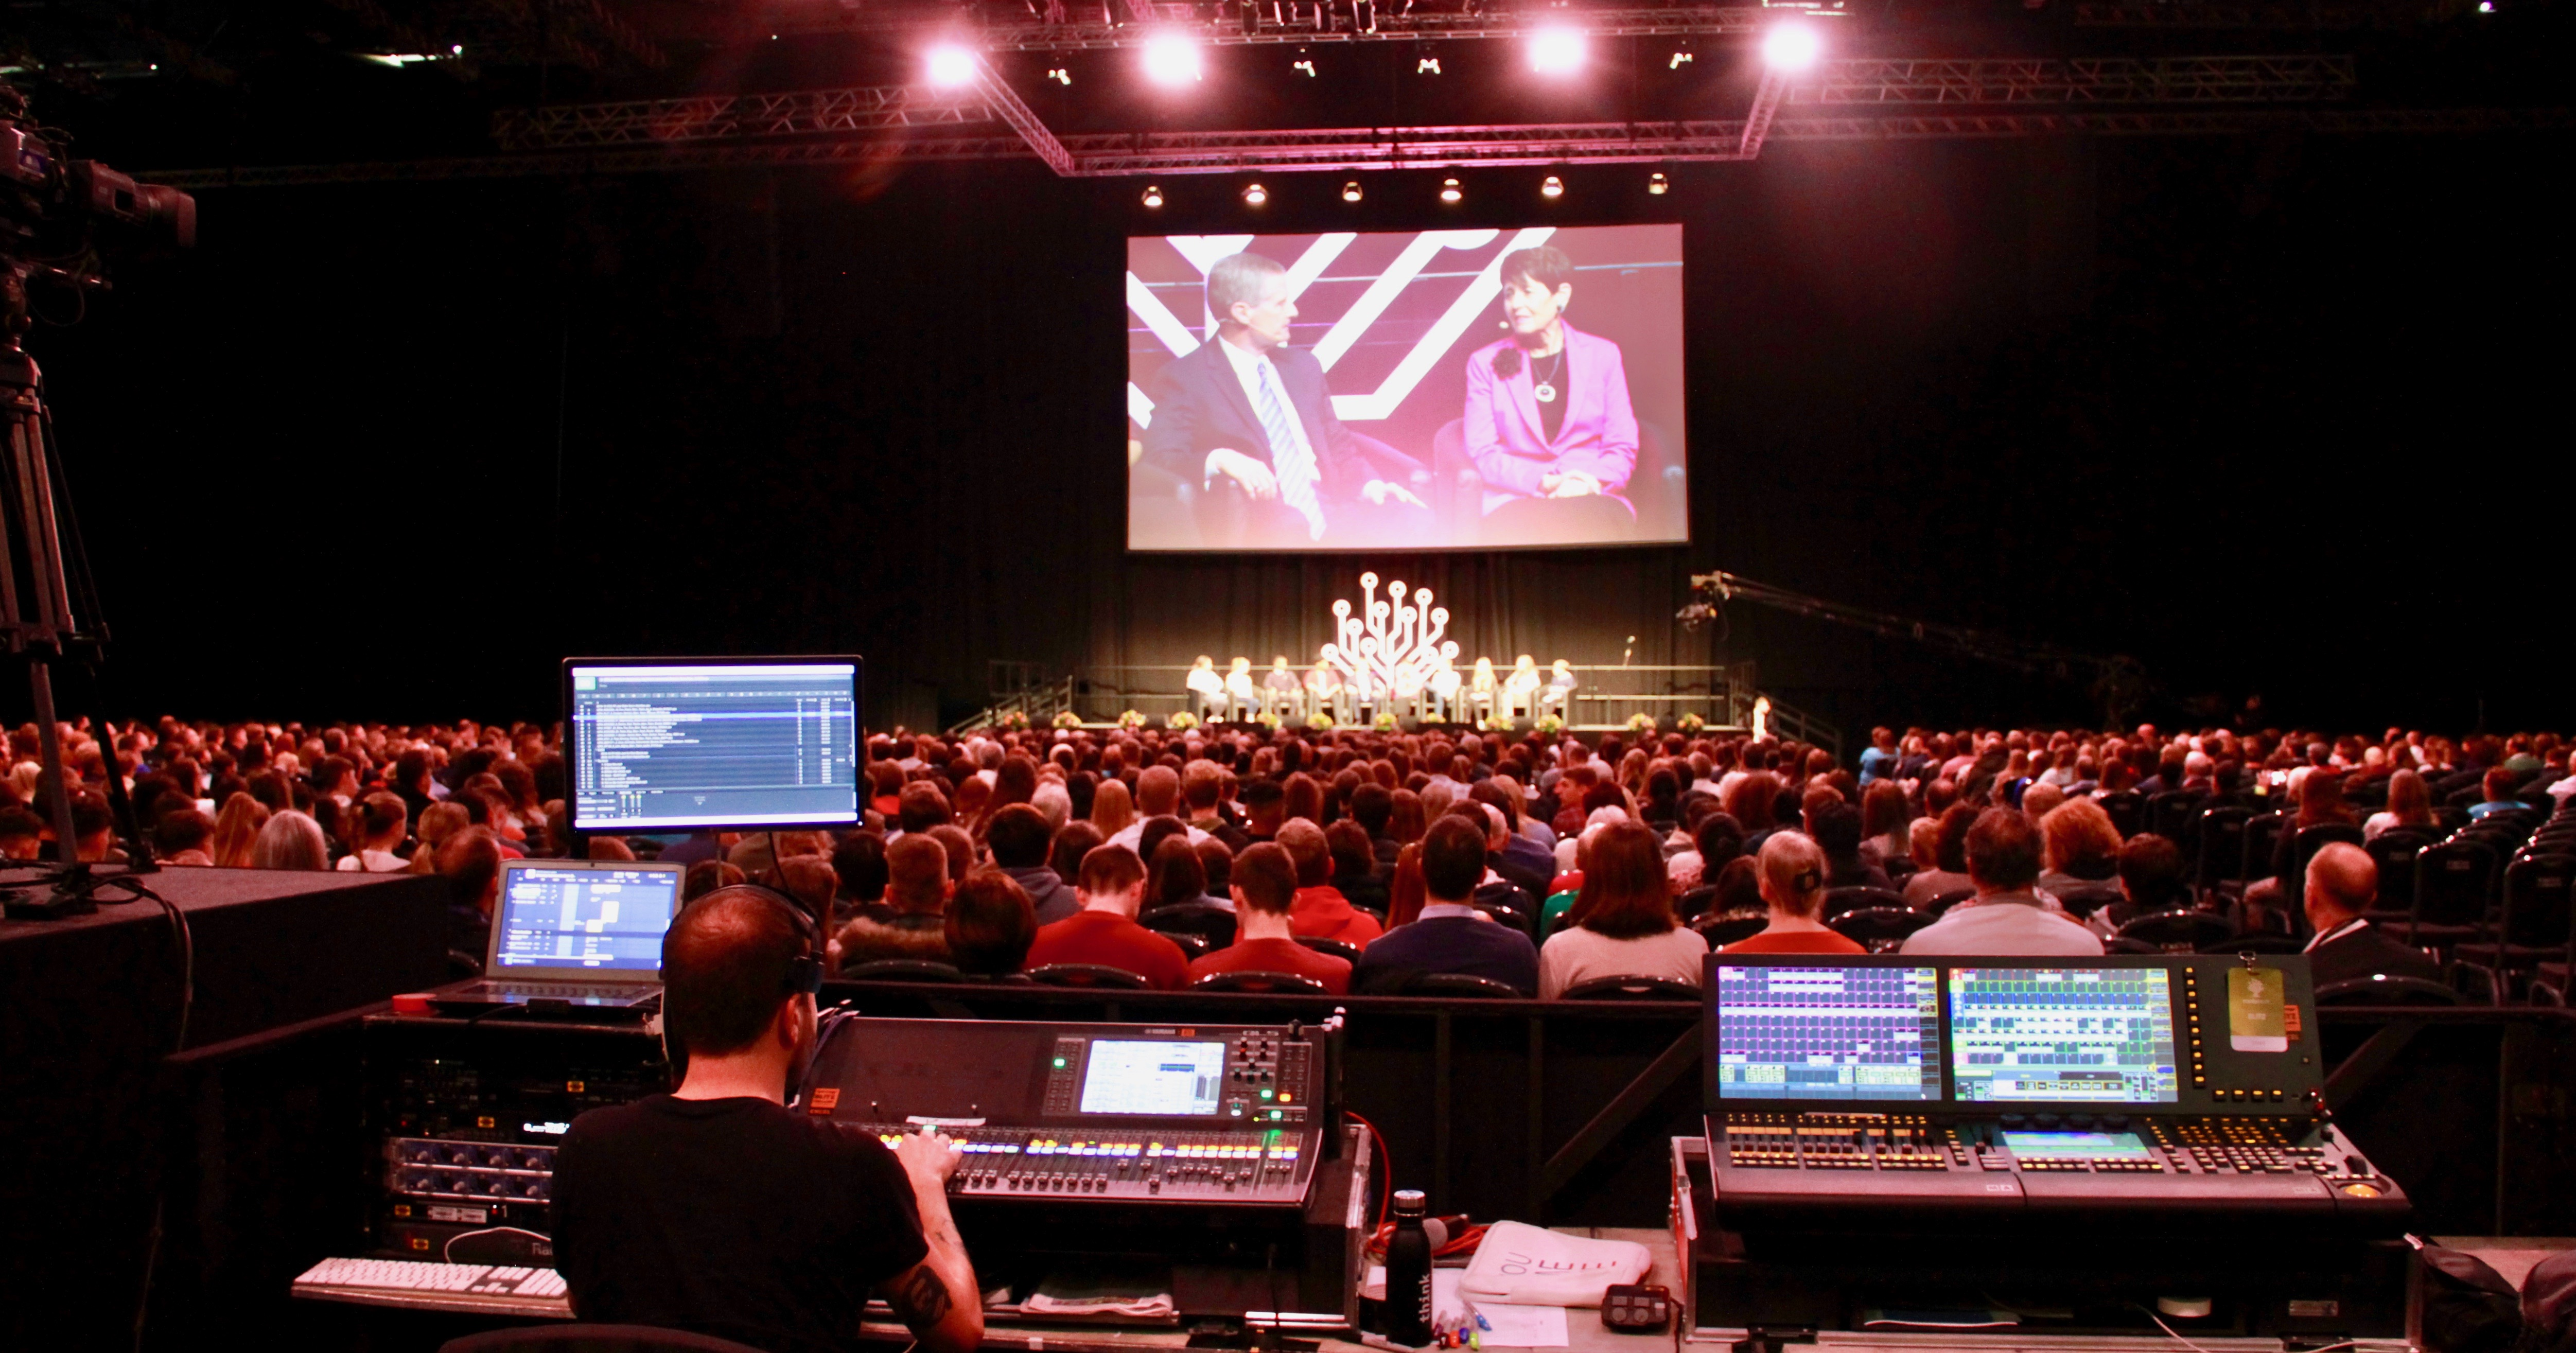 """El élder David A. Bednar y la hermana Susan Bednar aparecen en la pantalla mientras ocho jóvenes participan del panel de discusión """"Experiencia juvenil"""" con los Bednar durante el evento RootsTech Londres, el sábado 26 de octubre de 2019."""